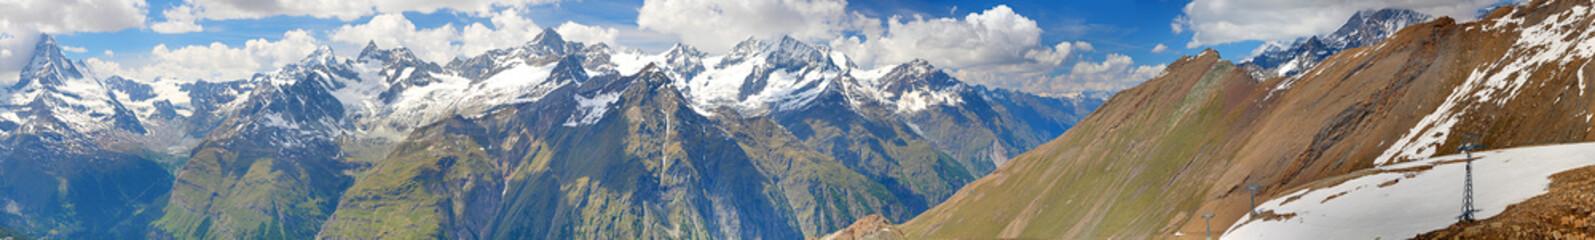 alpine panorama in summer